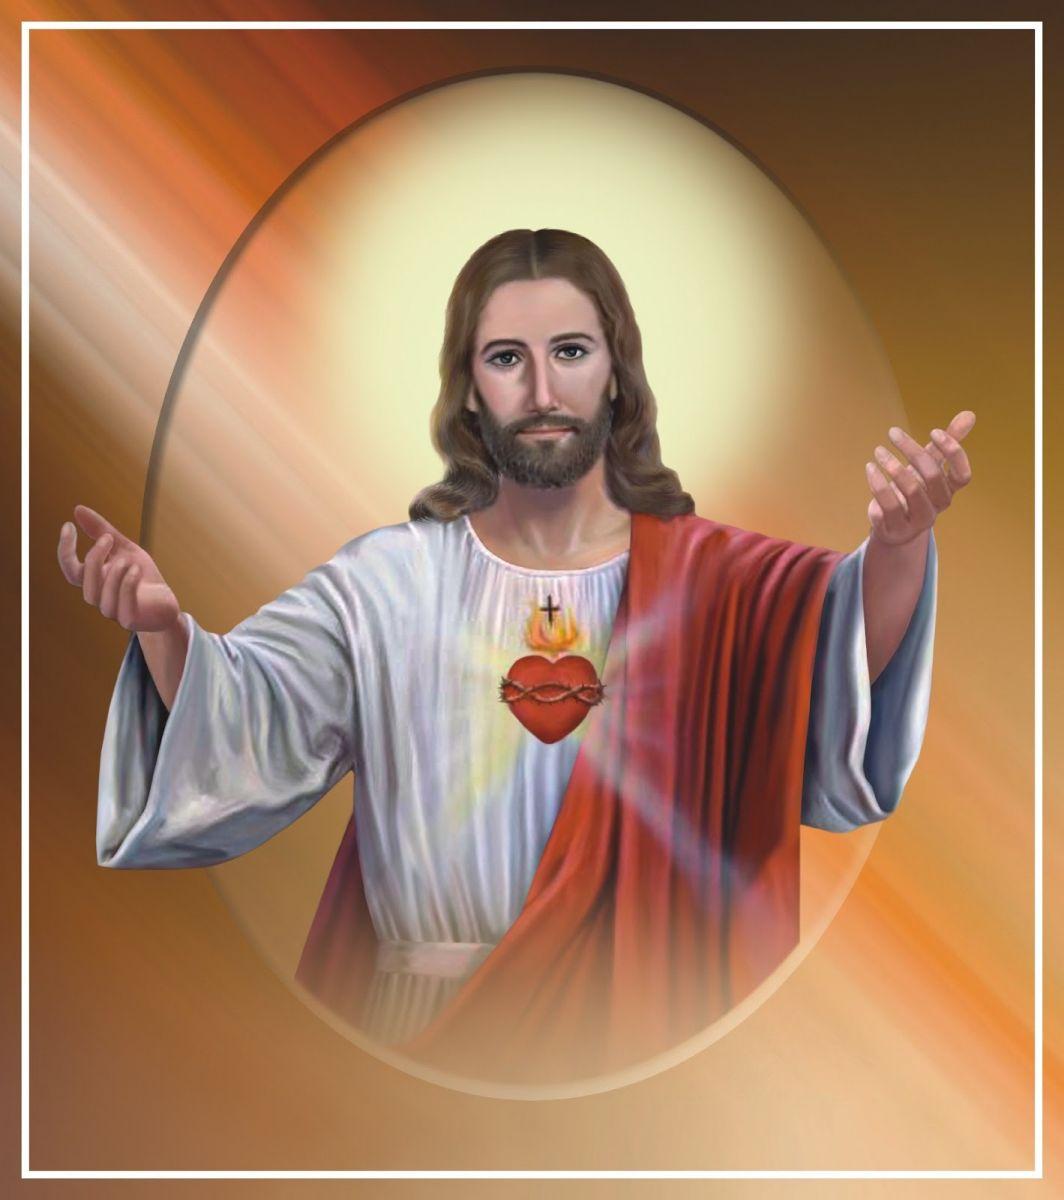 CÓ VĨ NHÂN NÀO ĐƯỢC YÊU MẾN BỀN LÂU HƠN ĐỨC YESUS / GIUSE LUCA